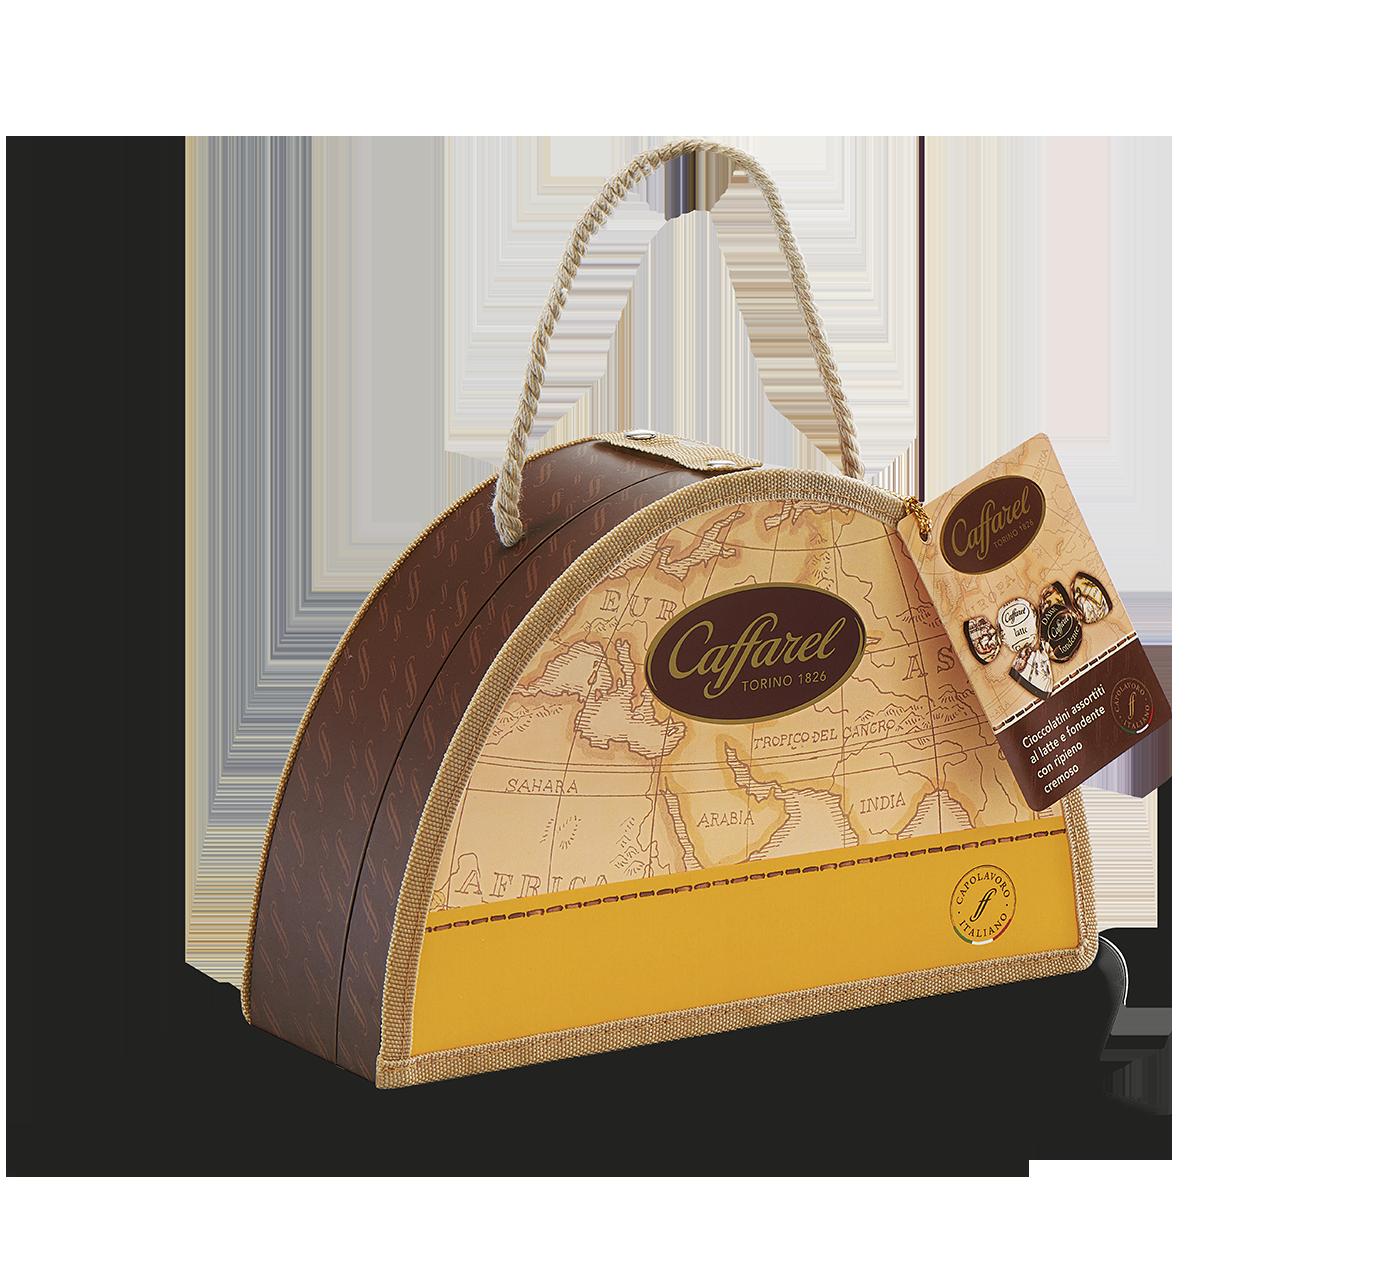 Caffarel - Le Origini del Cacao - Praline Confezione Regalo - 250g